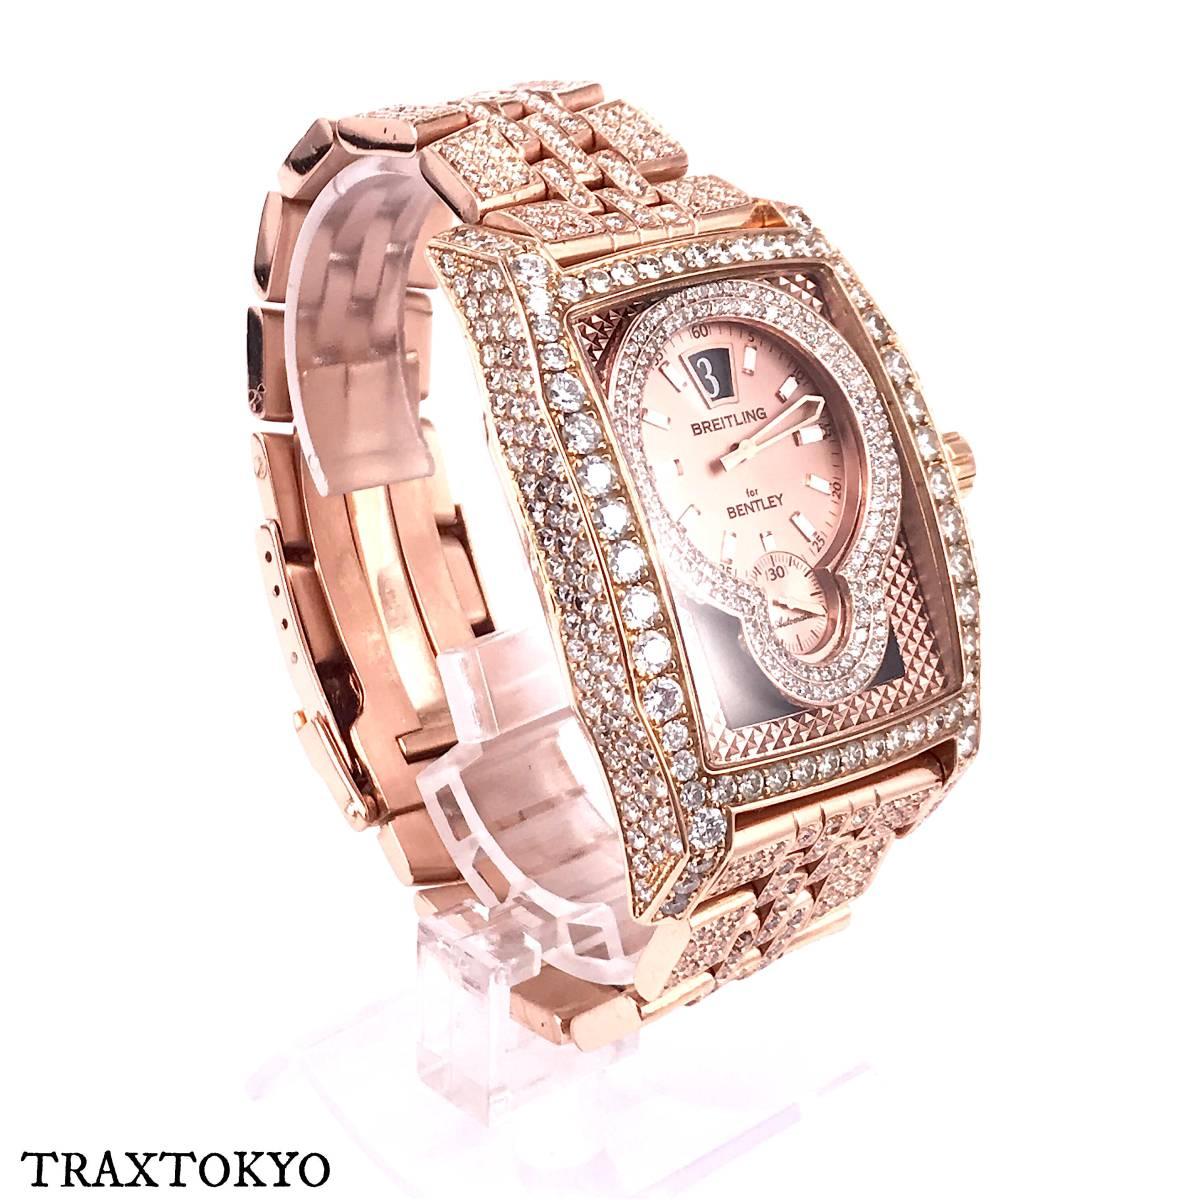 ブライトリング BREITLING ベントレー フライングB R28362 ピンクゴールド ダイヤモンド 美品 メンズ traxtokyo_画像4